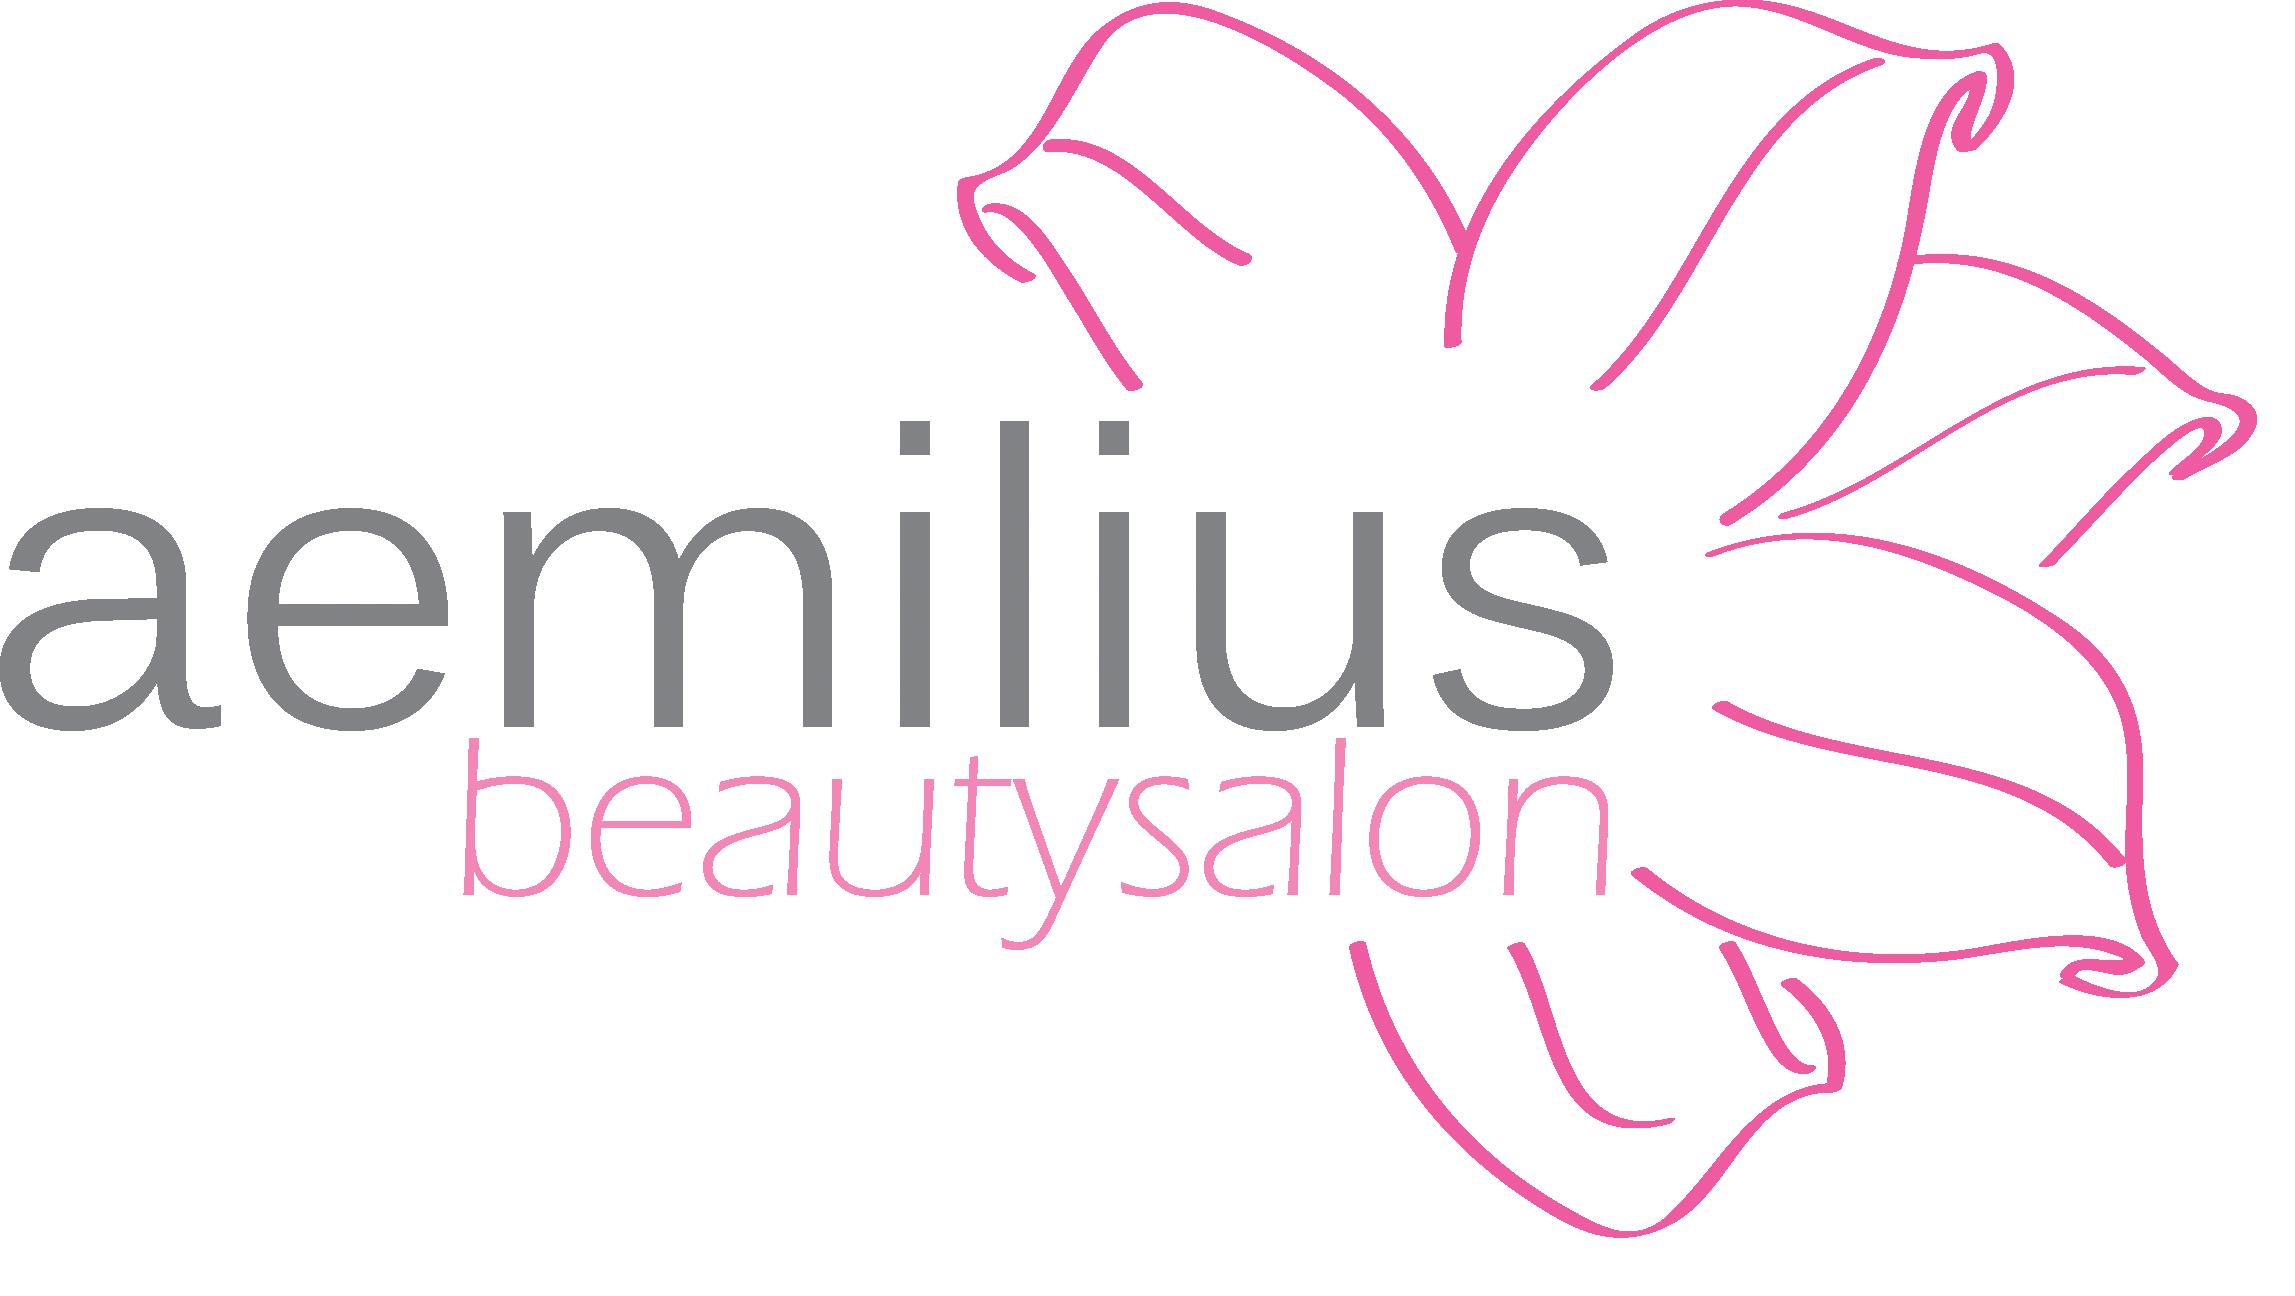 Beautysalon Aemilius